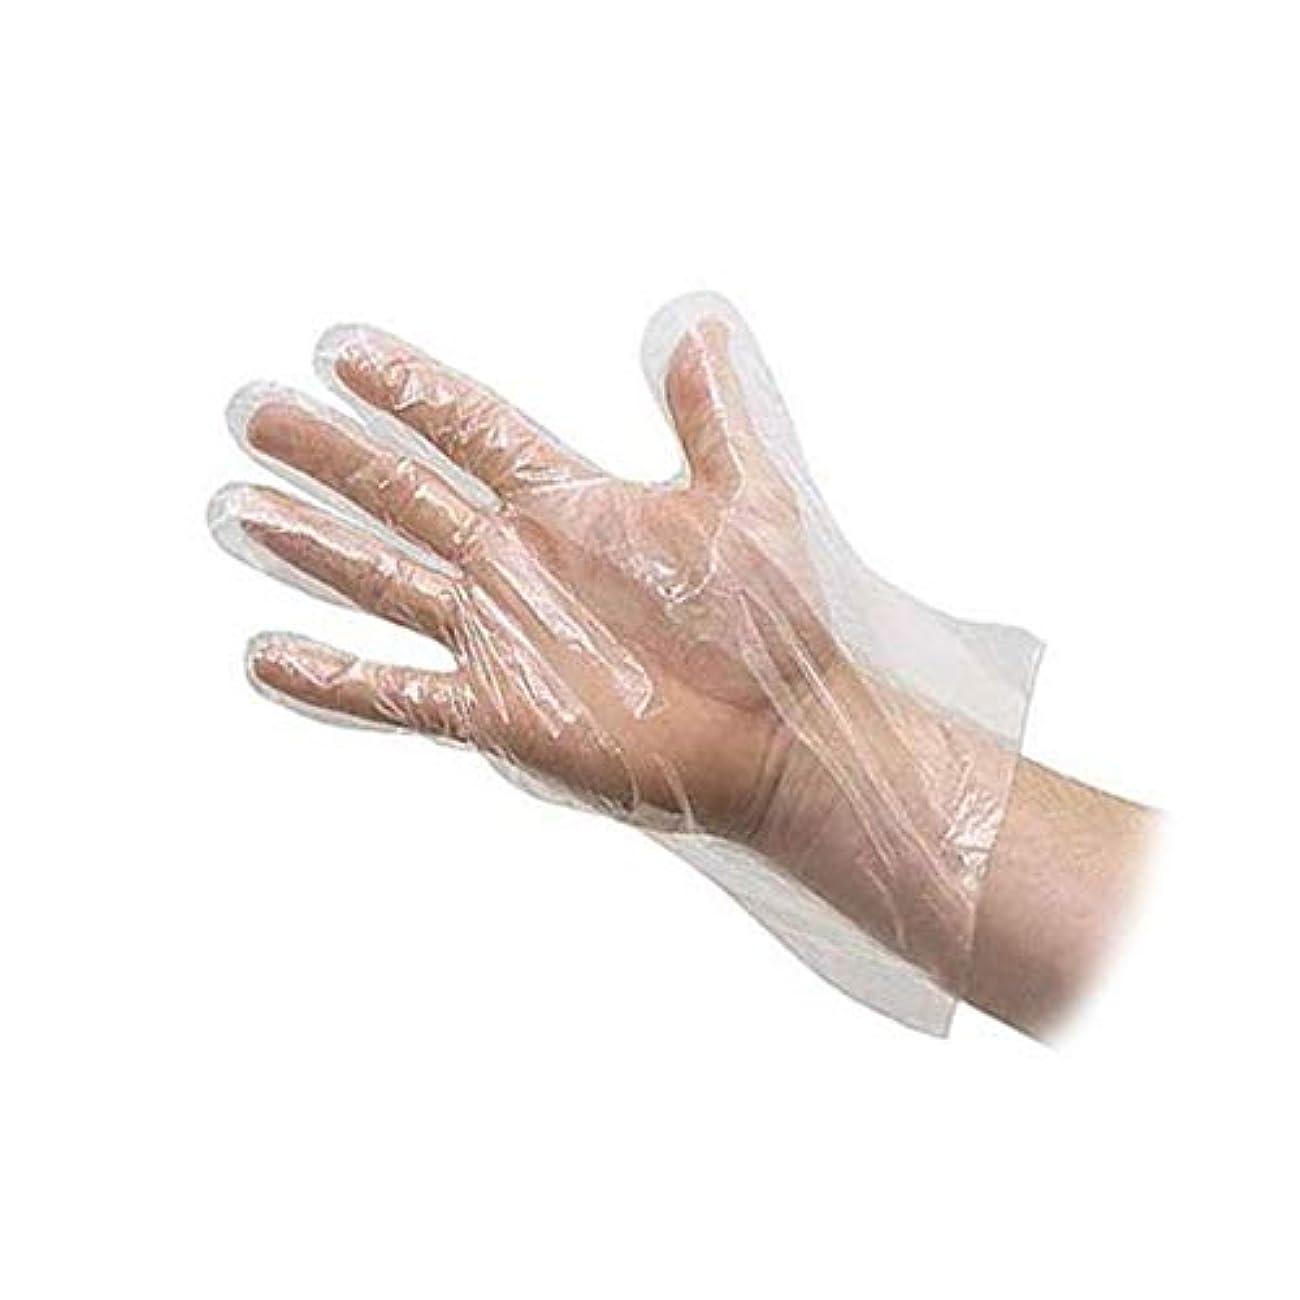 誤解を招く趣味気候(デマ―クト)De?markt ポリエチレン 手袋 使い捨て手袋 カタエンボス 調理用 食品 プラスチック ホワイト 粉なし 食品衛生 透明 左右兼用 薄型 ビニール極薄手袋 100枚入